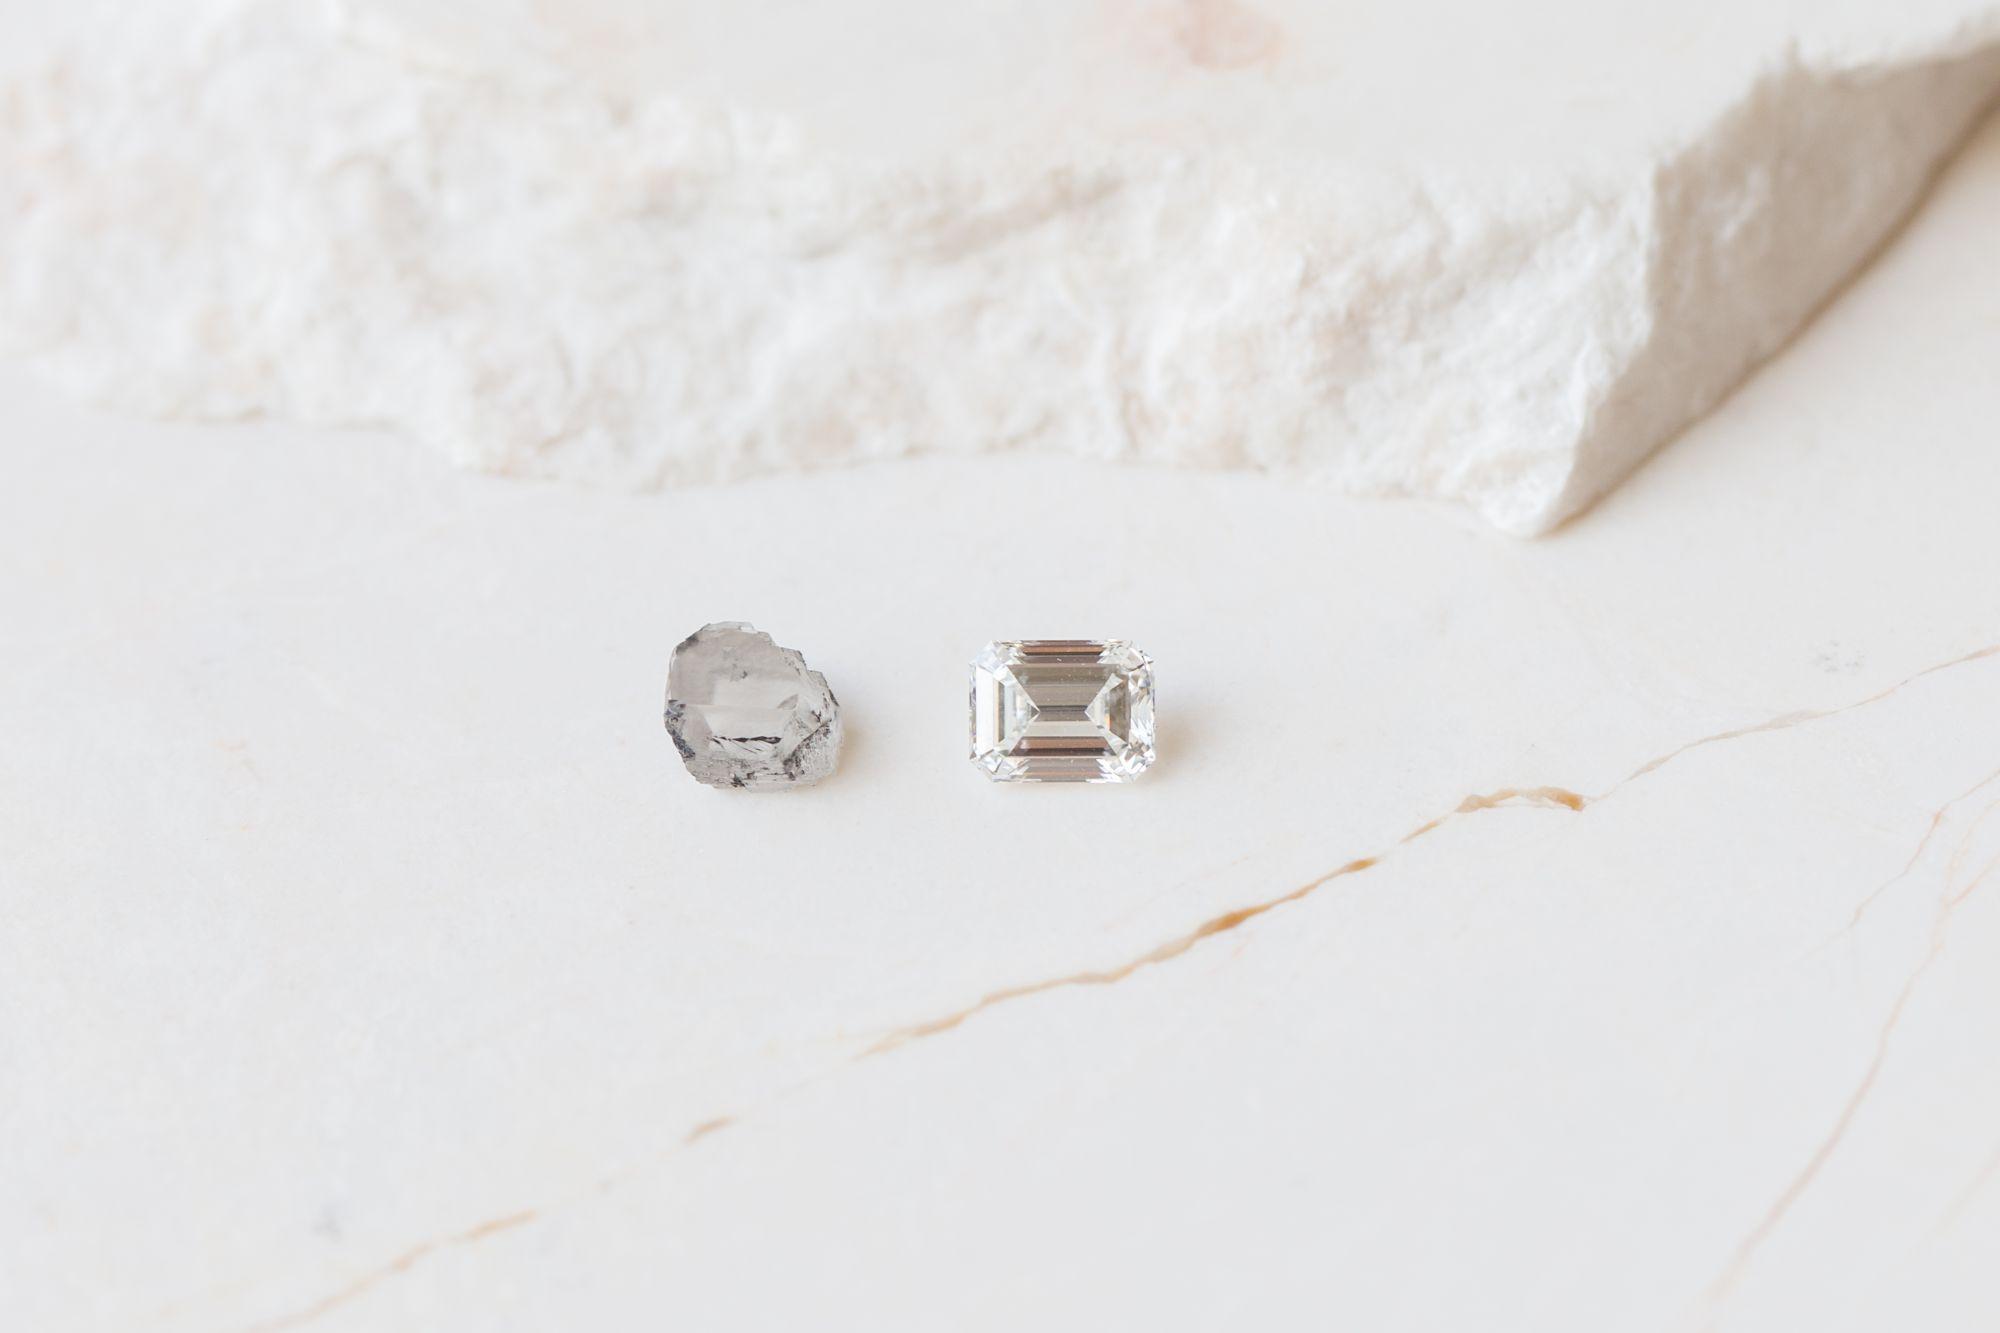 珠寶界的綠色革命!「未來鑽石」成為保護地球的美麗新選擇